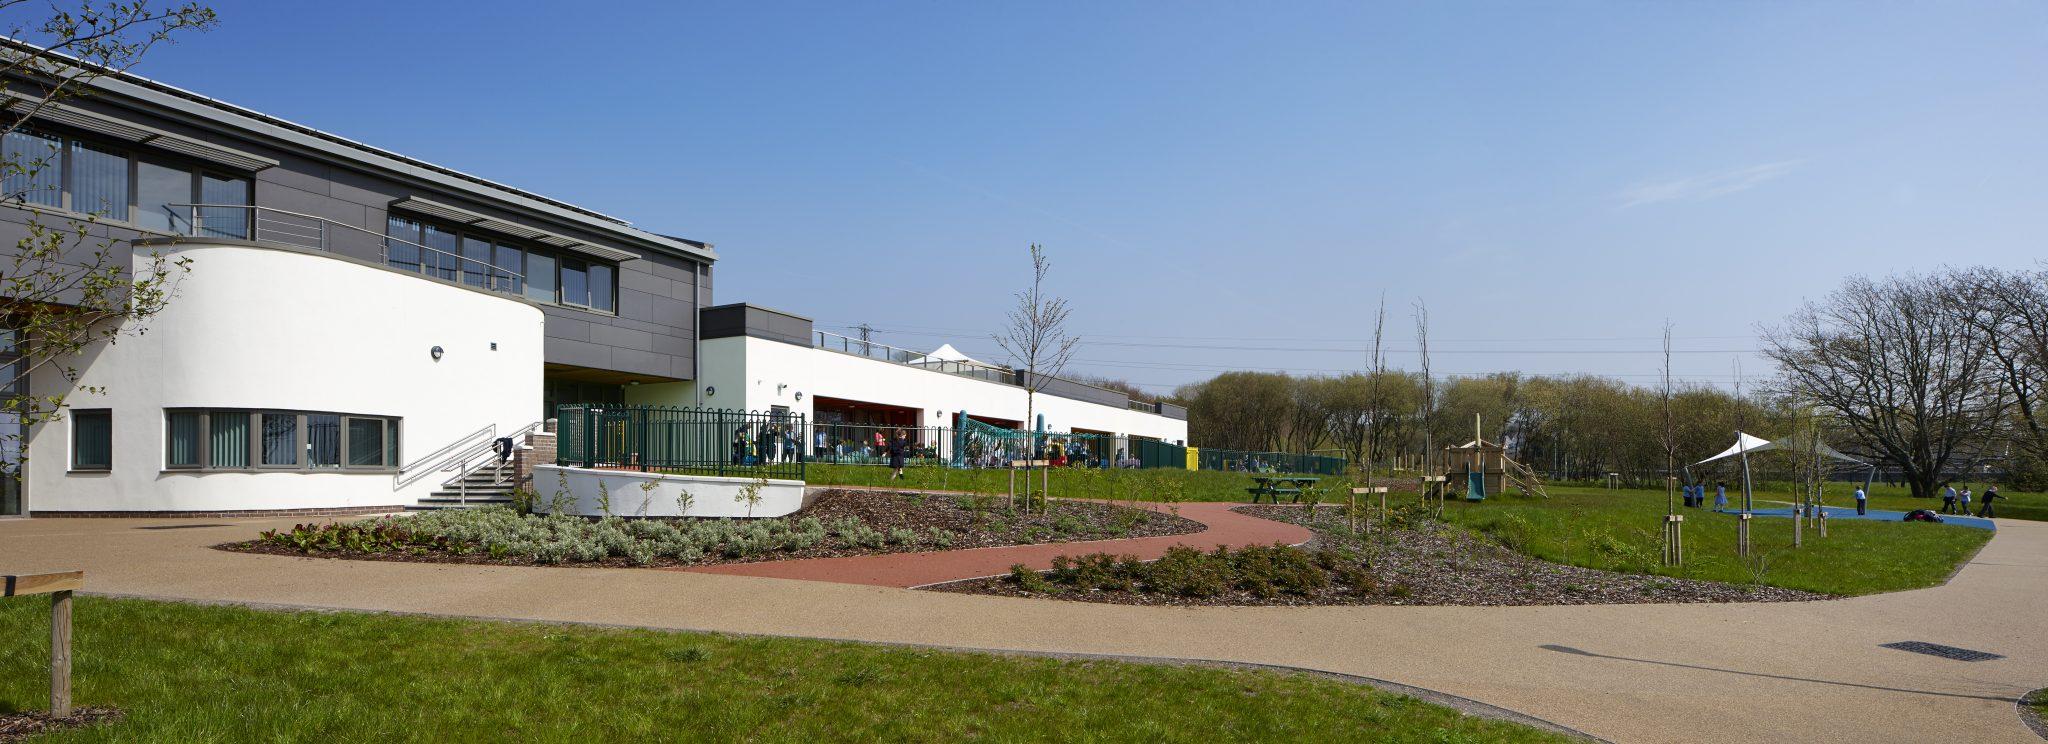 Ysgol Ffwrnes school Llanelli